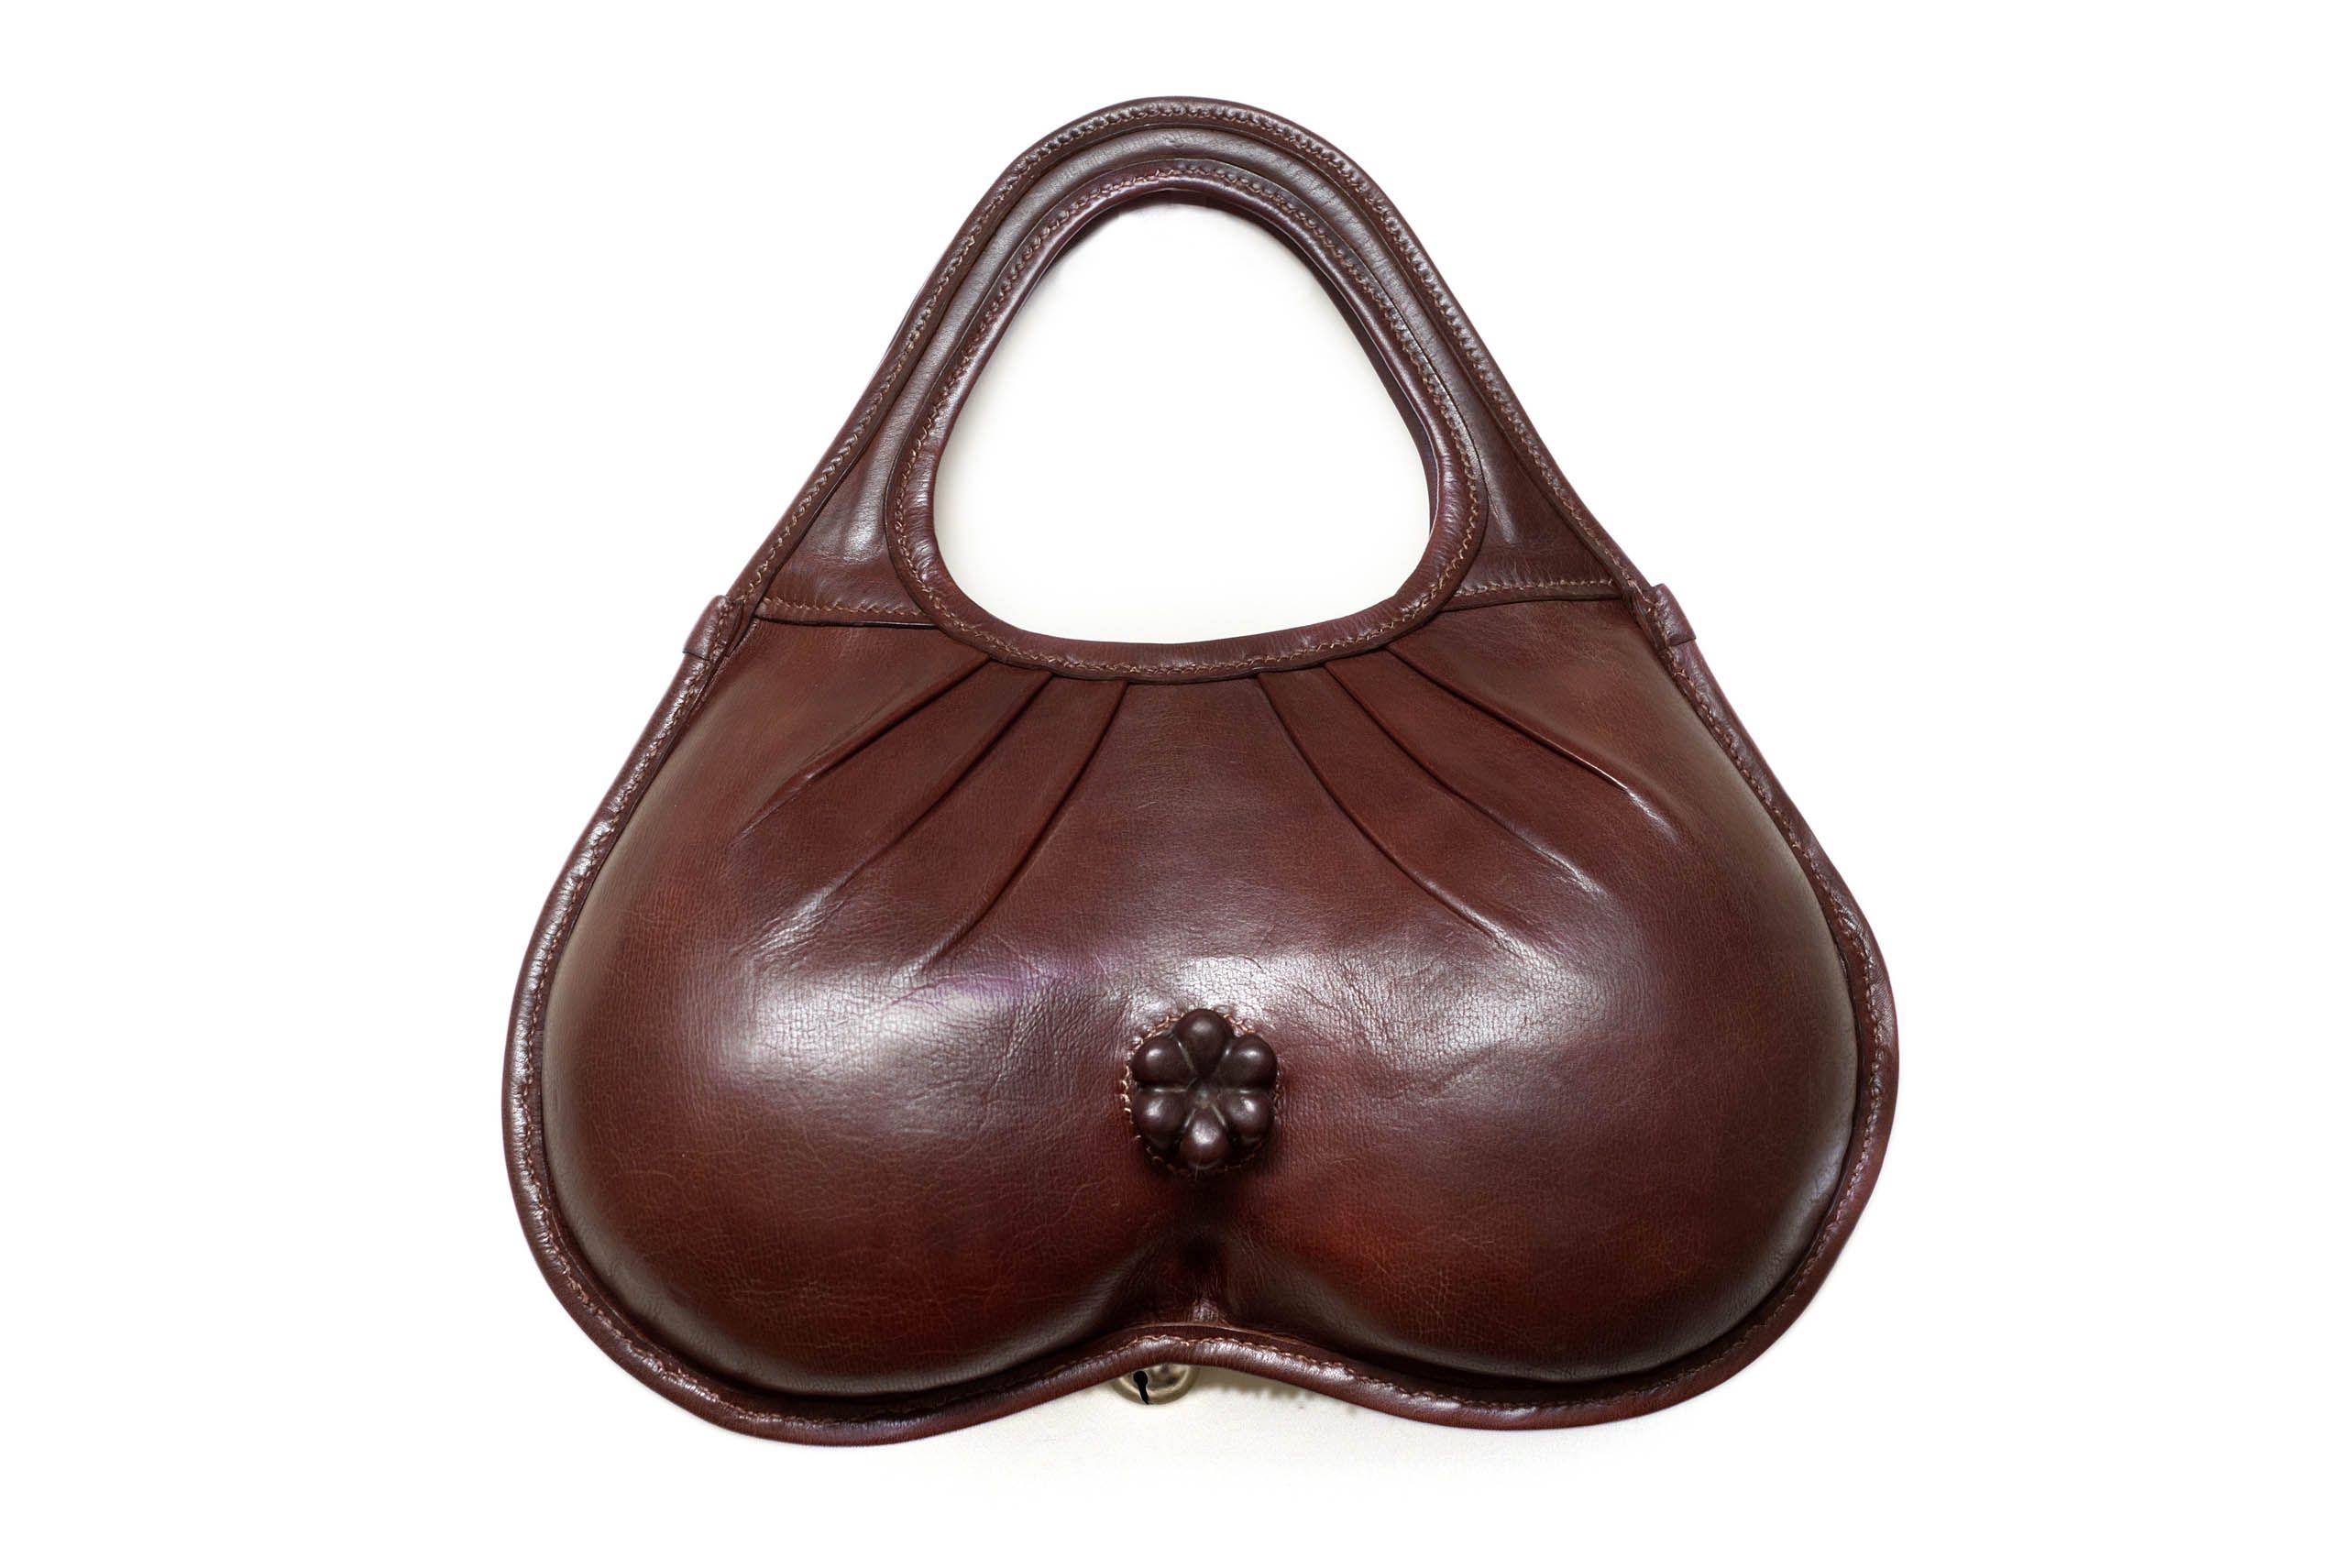 сумка в форме вылизует жопу мужику принципе